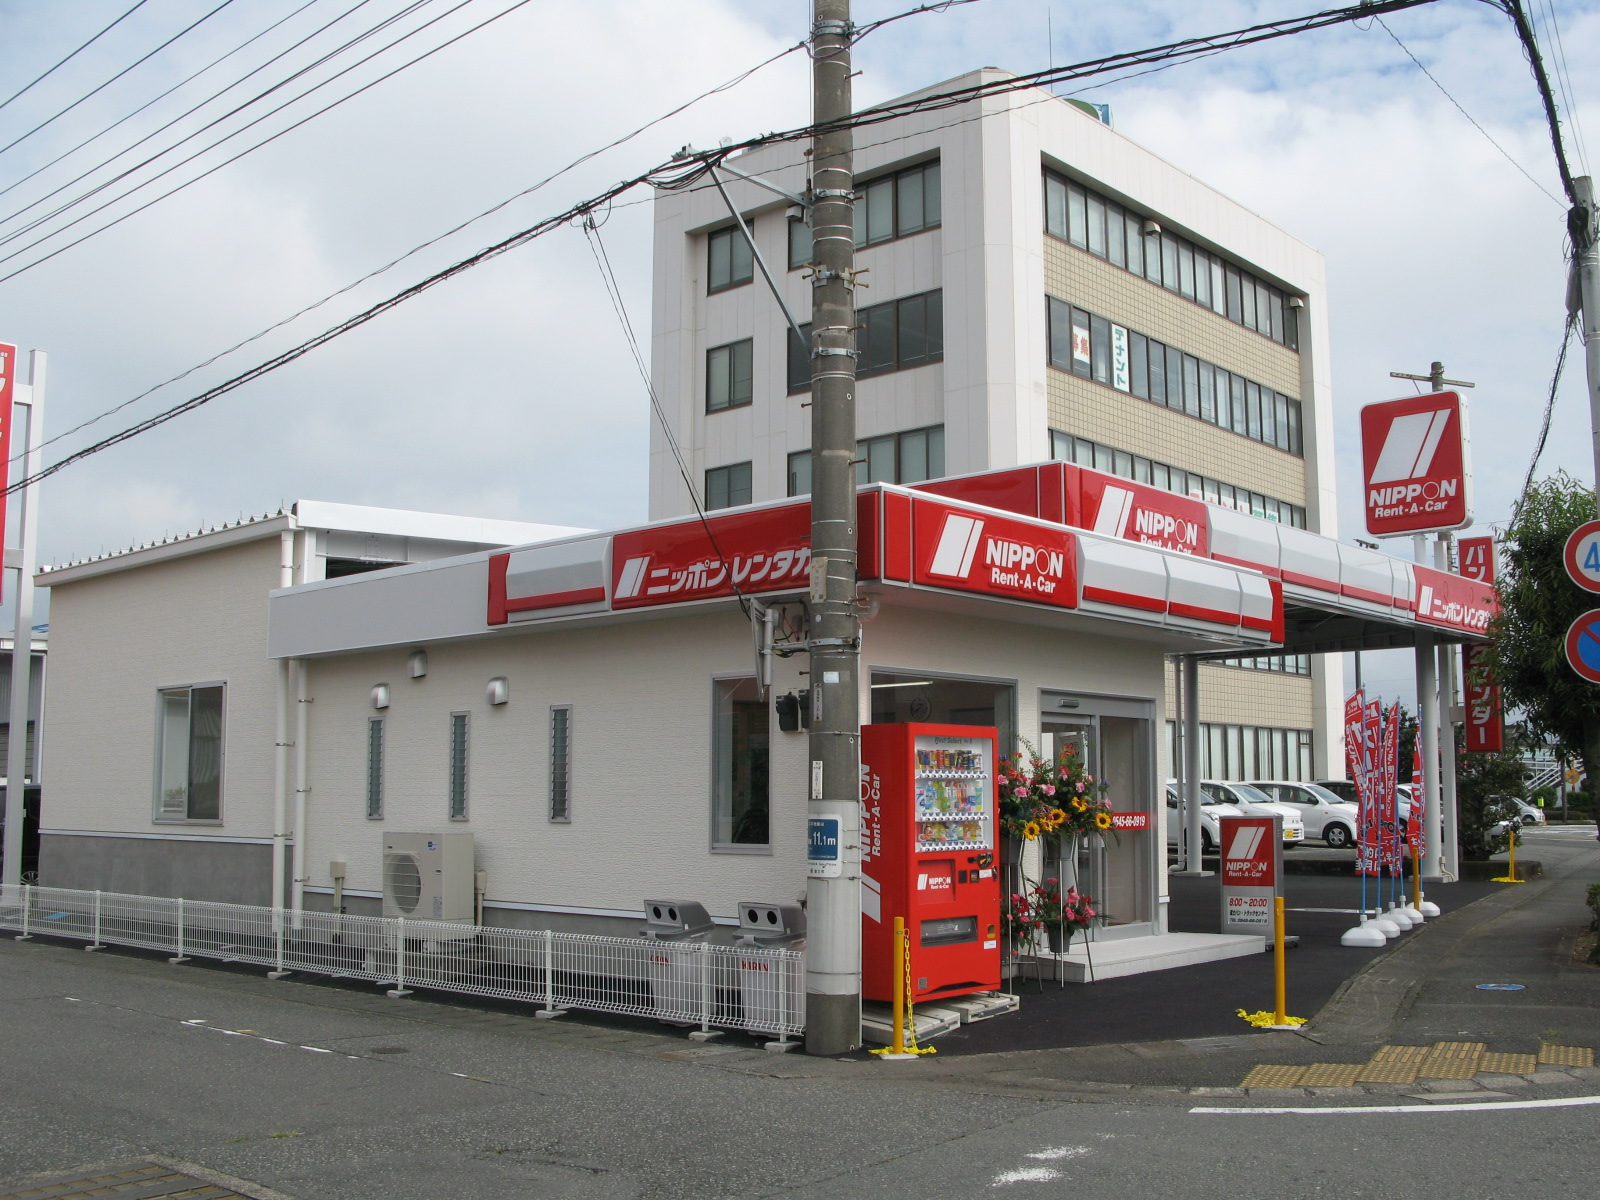 ニッポンレンタカー 富士バン・トラックセンター 営業所